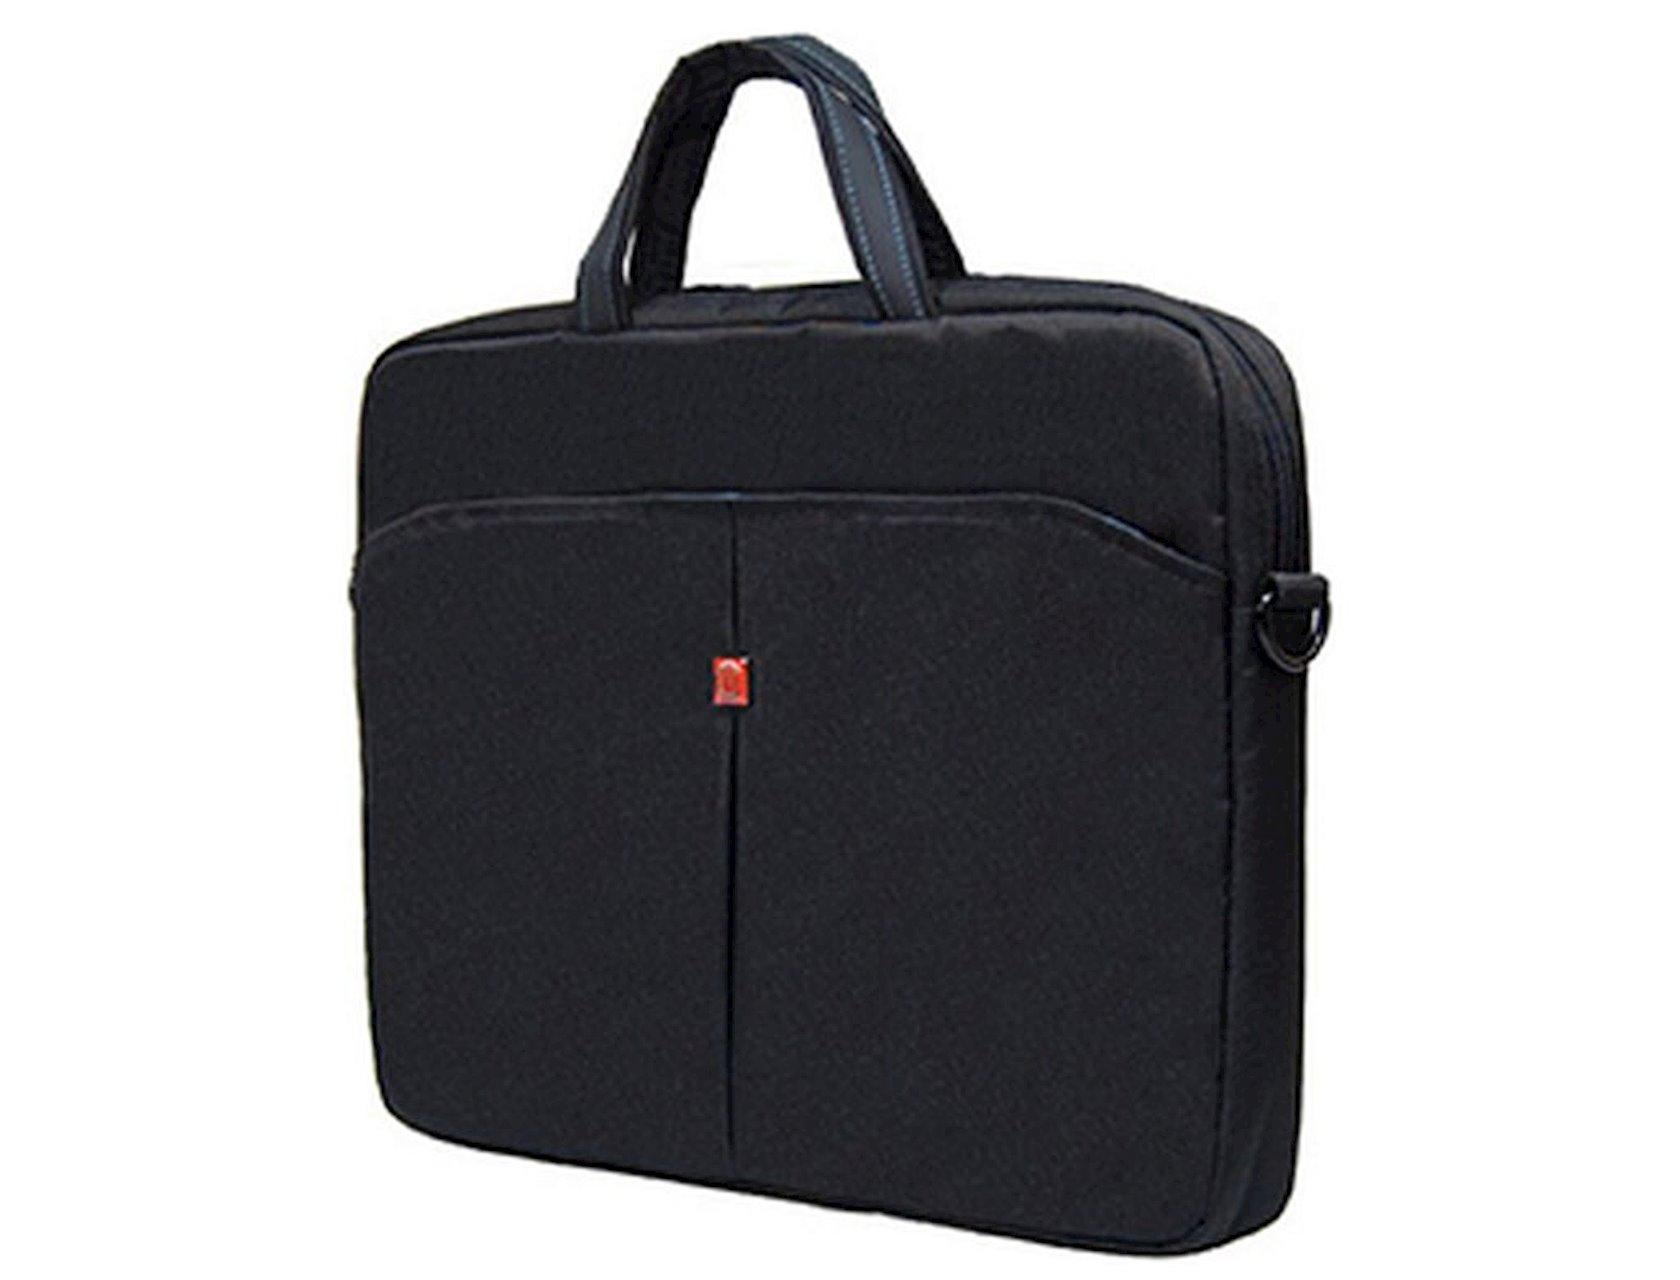 Noutbuk çantası Sumdex CC-010 Black